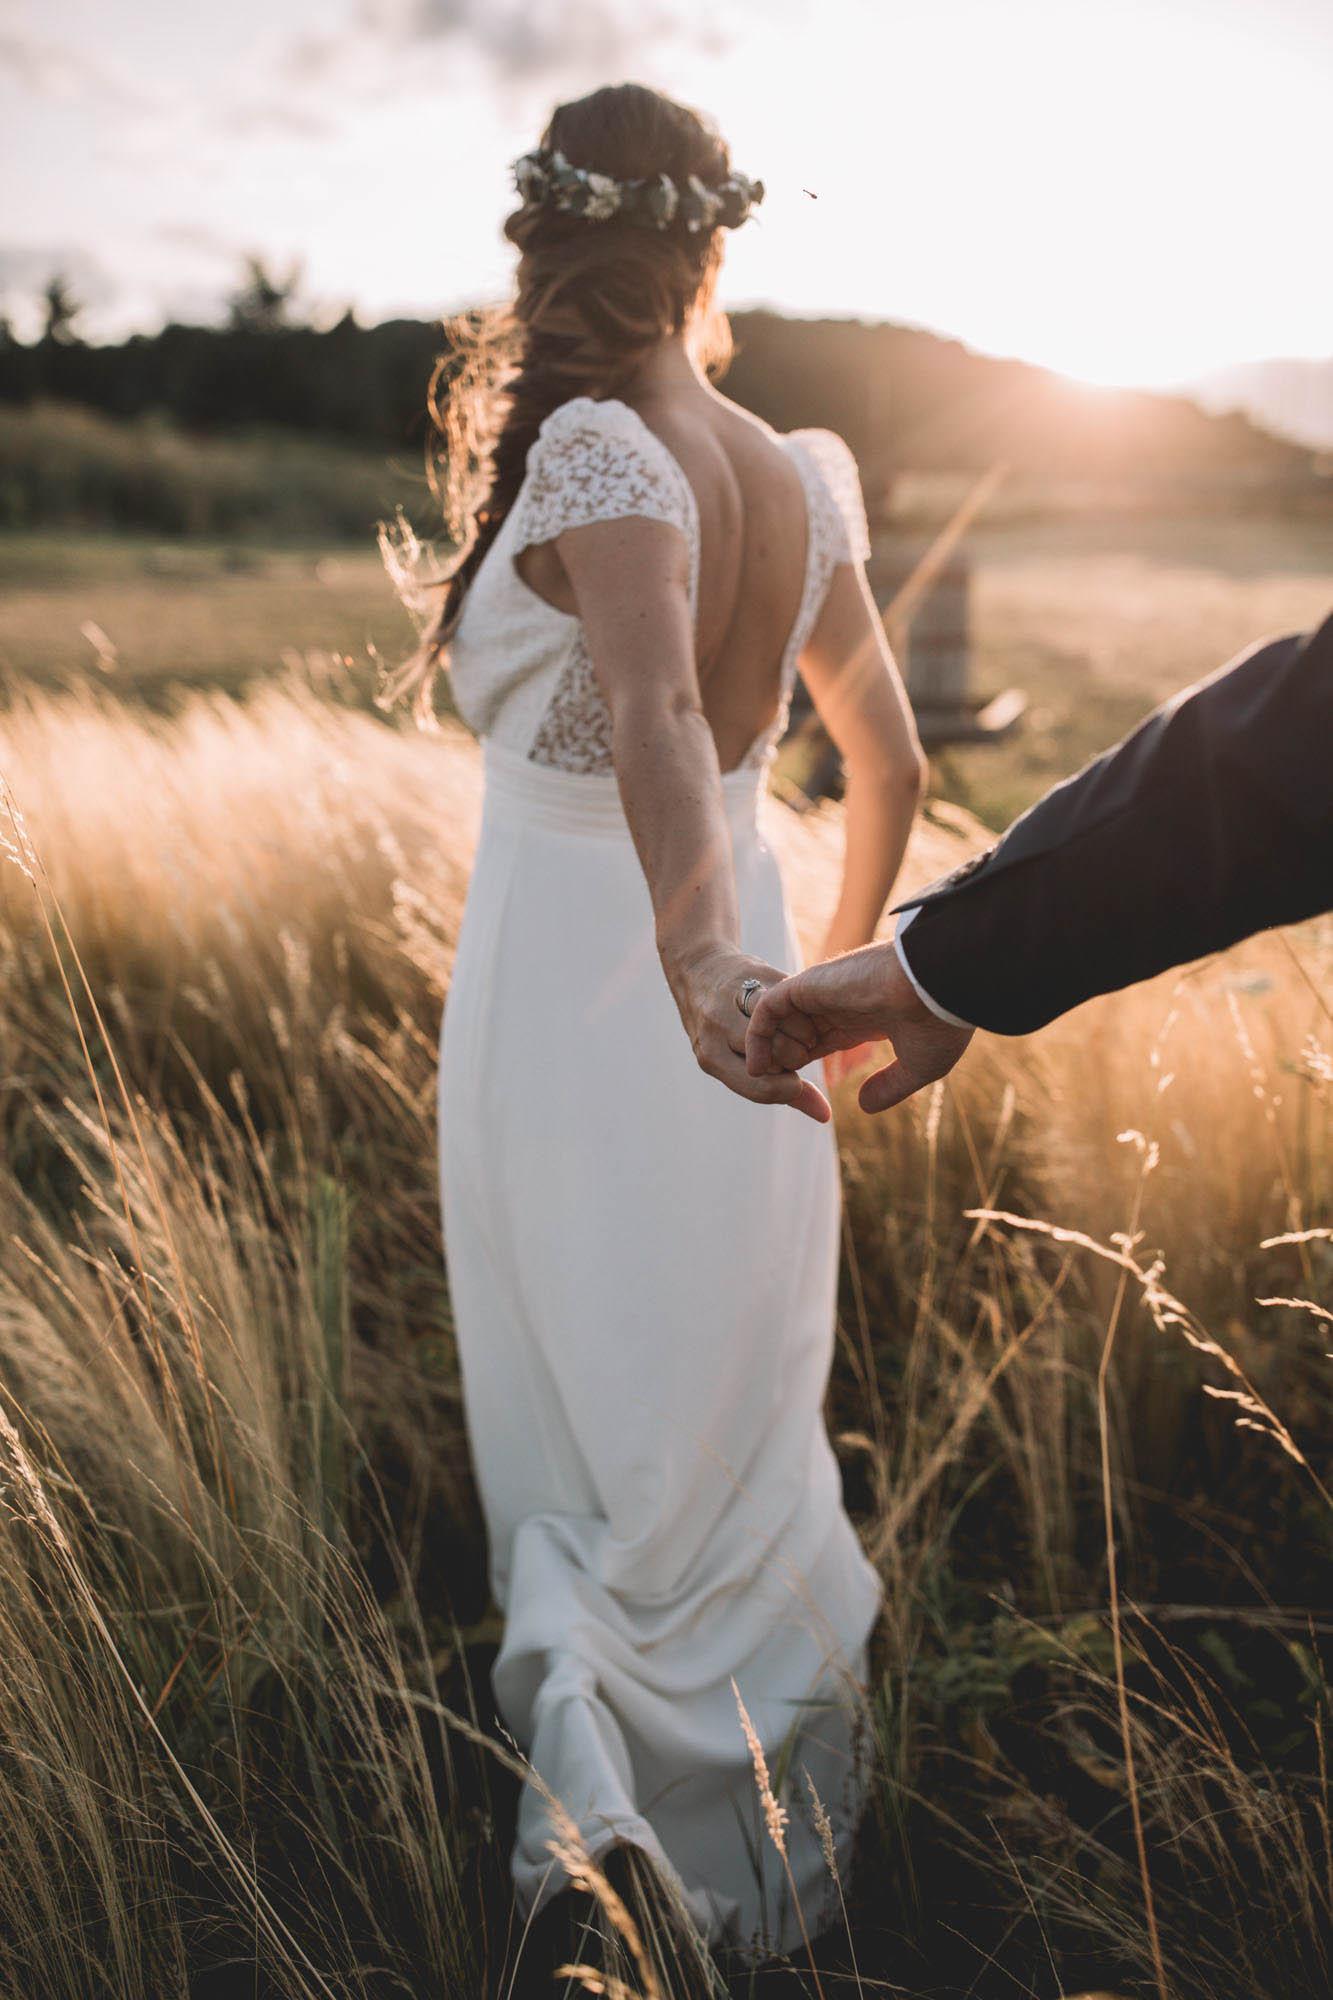 ANNE + ALEX_LES BONNES JOIES_PHOTOGRAPHE_MARIAGE_LES BANDITS-5